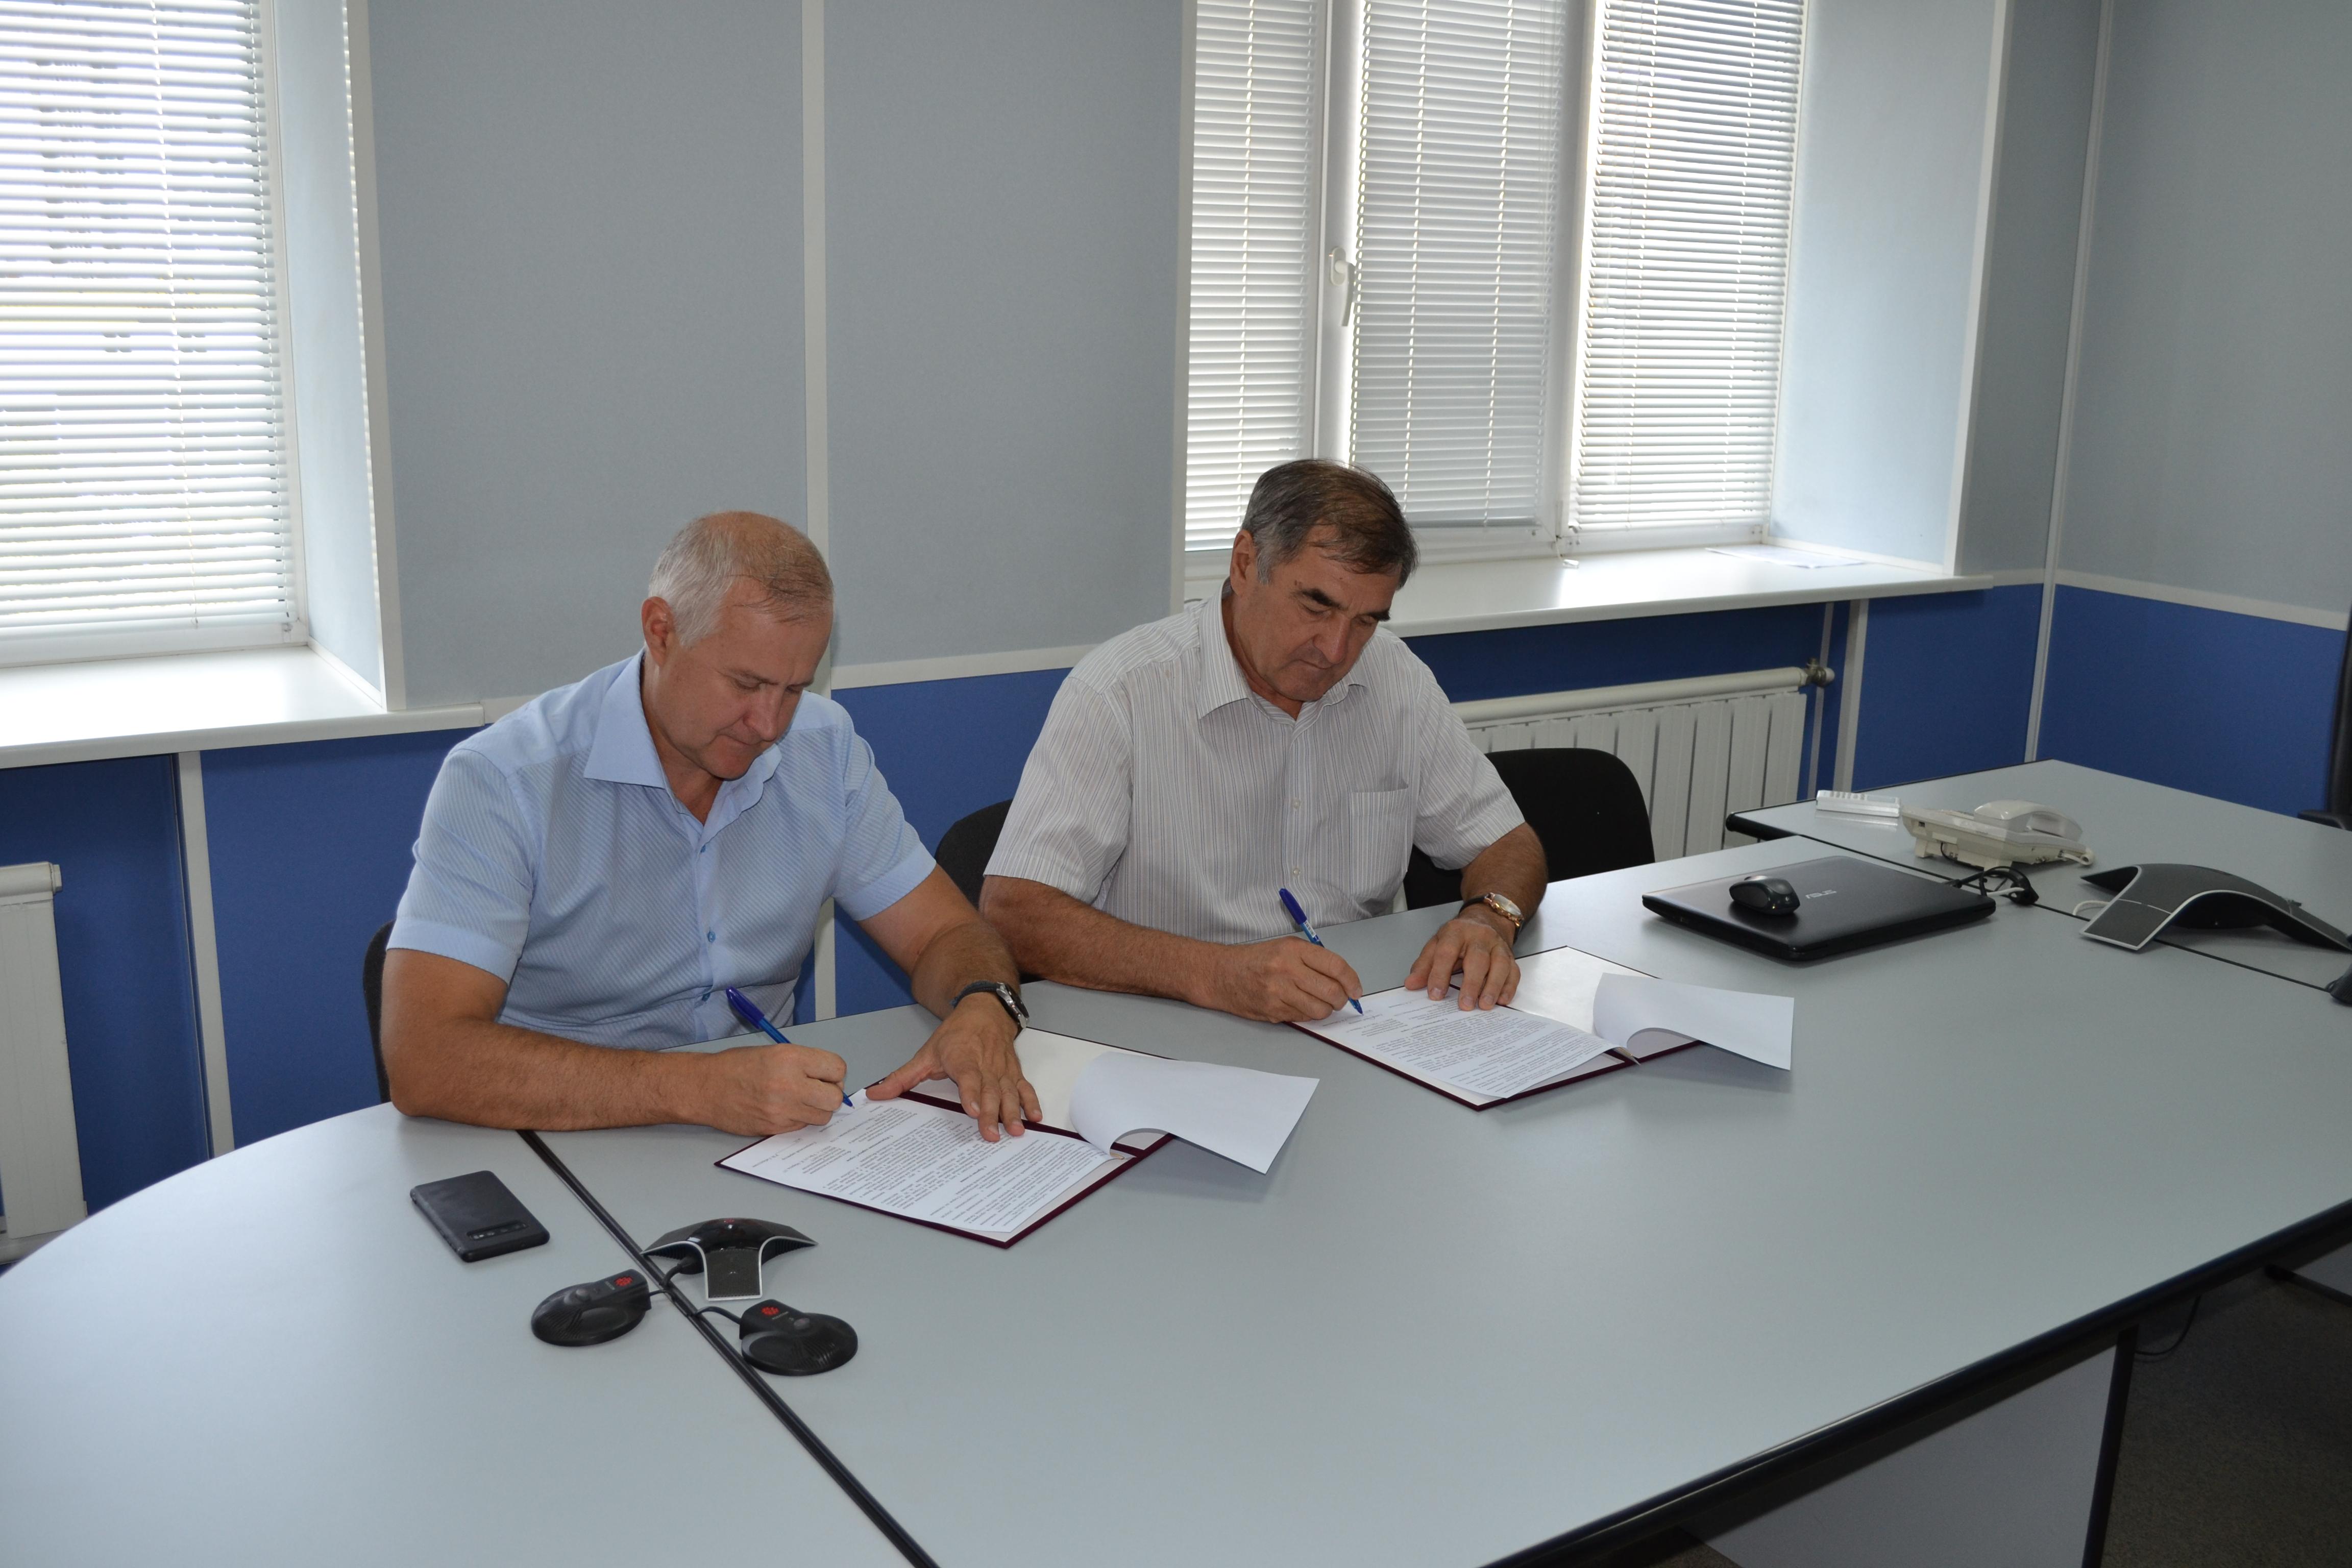 Руководители ЦСМ Республики Башкортостан и Фонда развития и поддержки малого предпринимательства Республики Башкортостан подписали соглашение о сотрудничестве